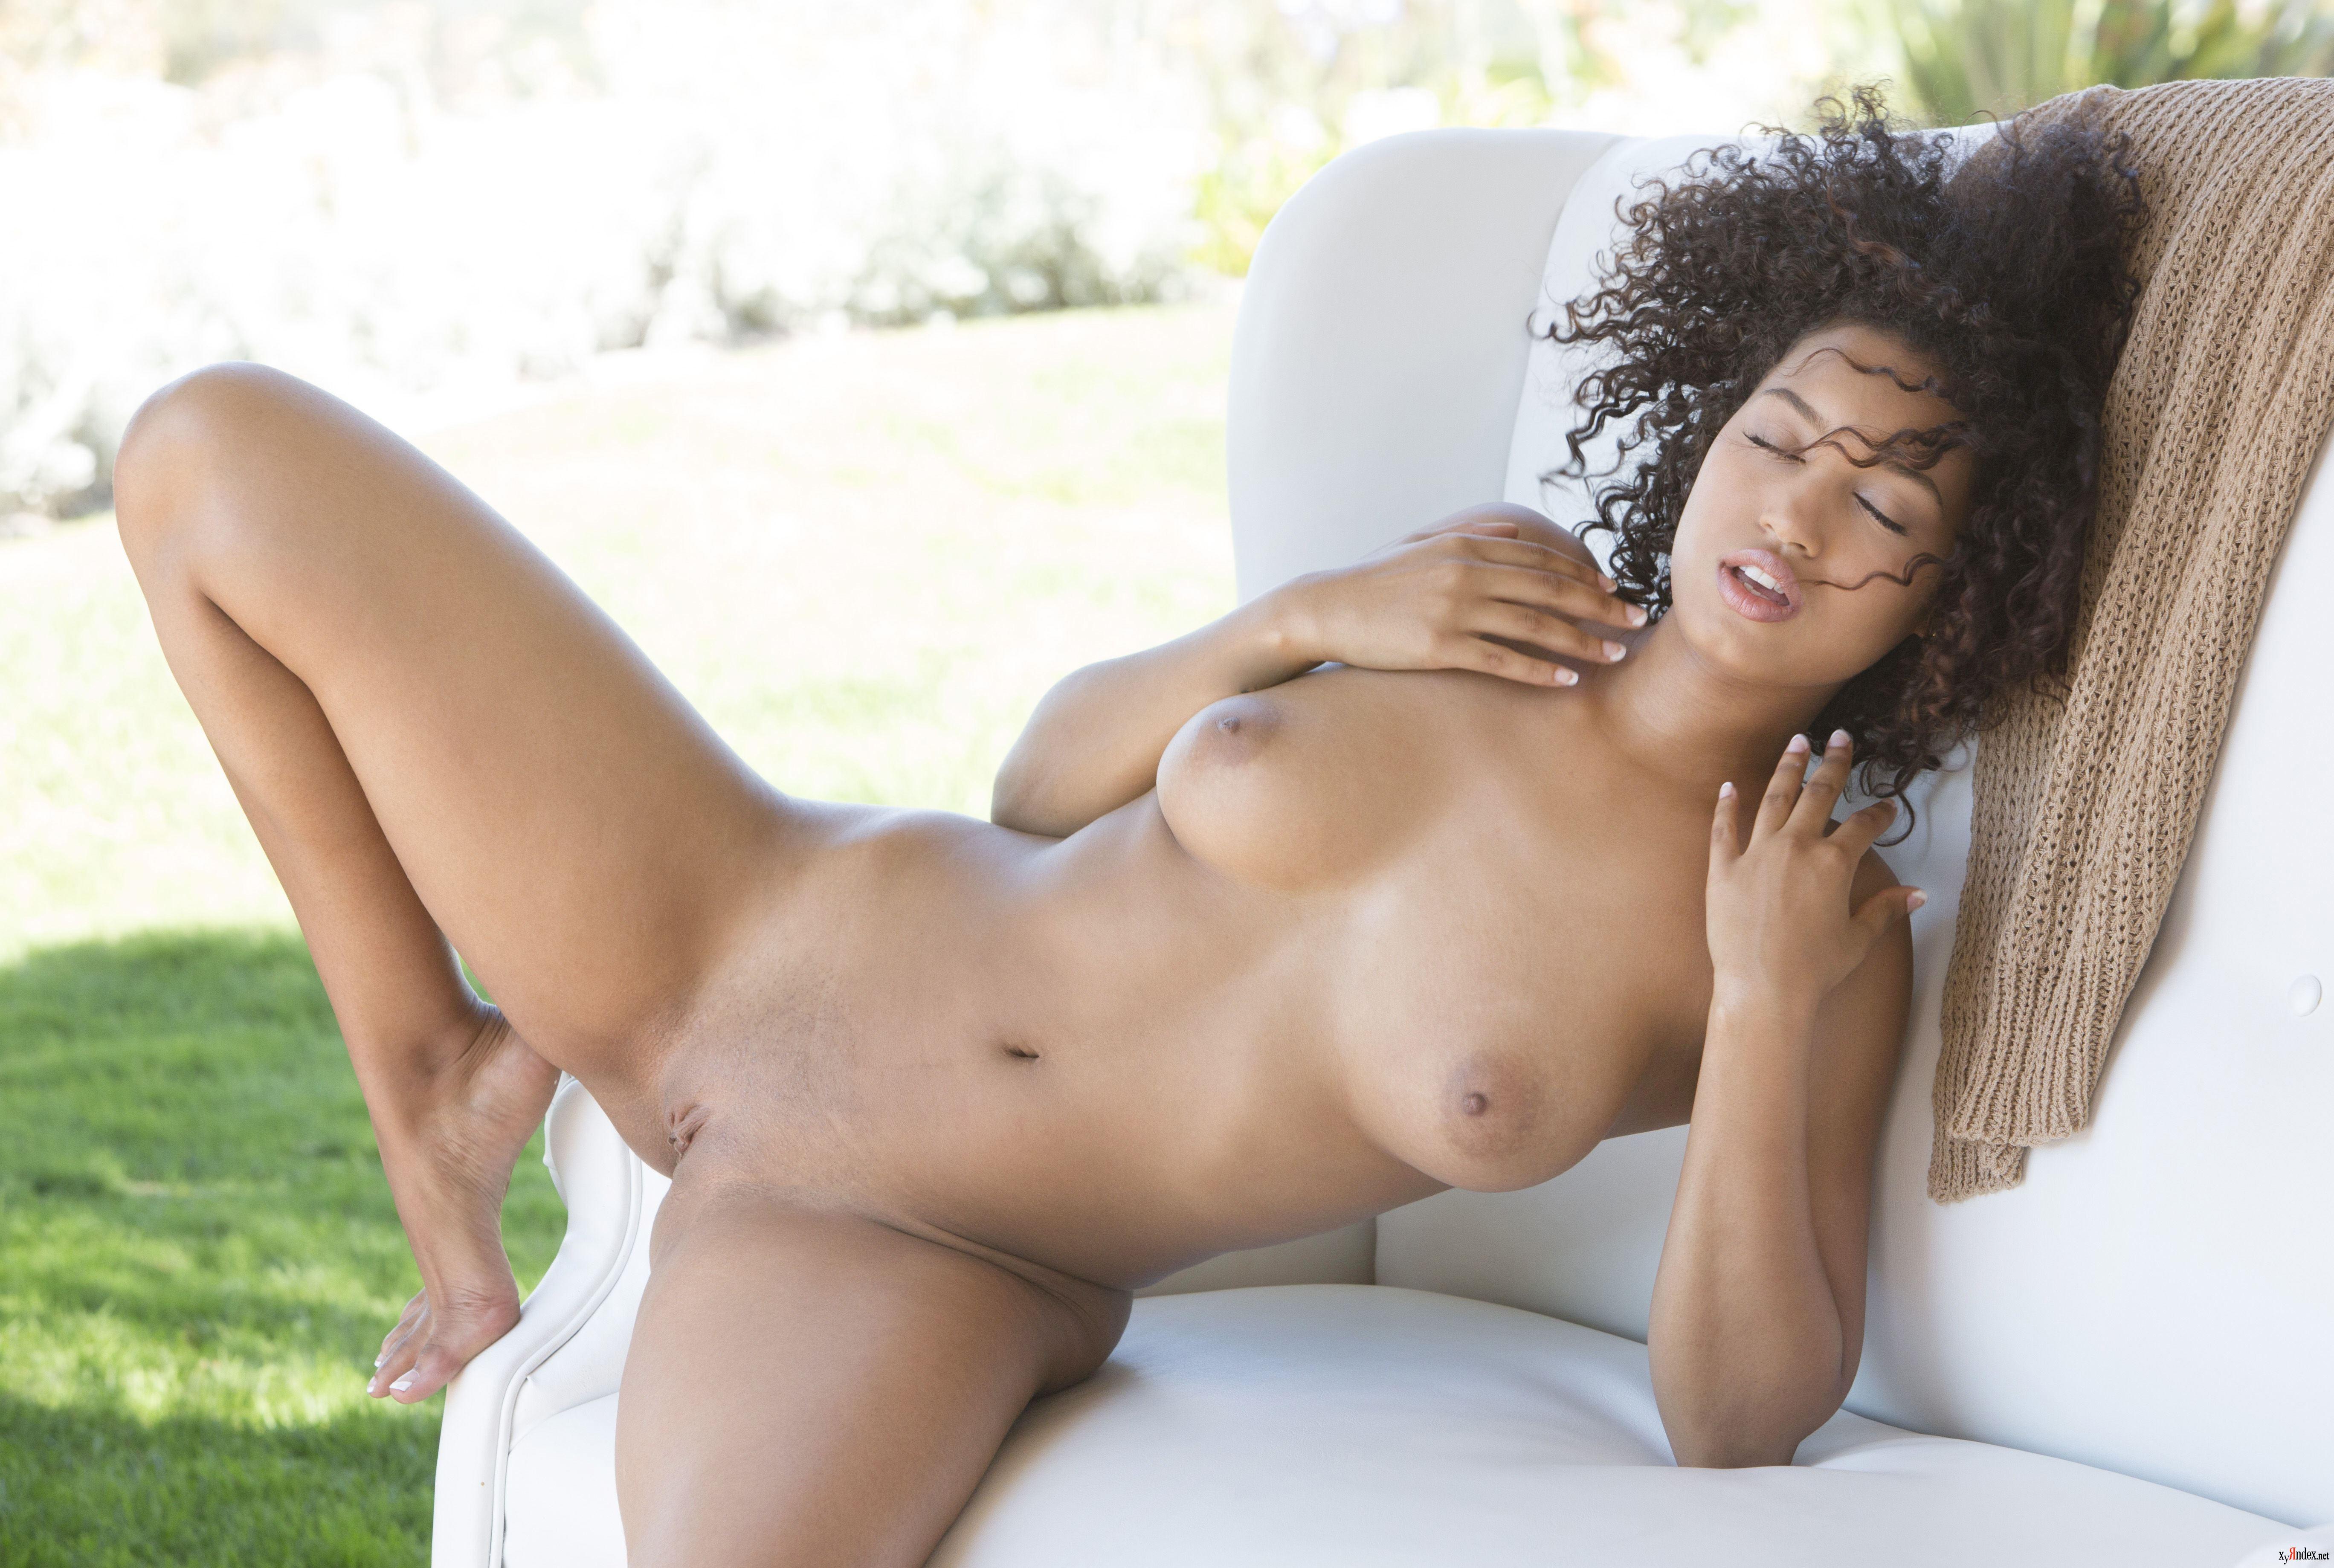 Met Art Jeff Milton About Teen Pornstar Sex Hd Pics